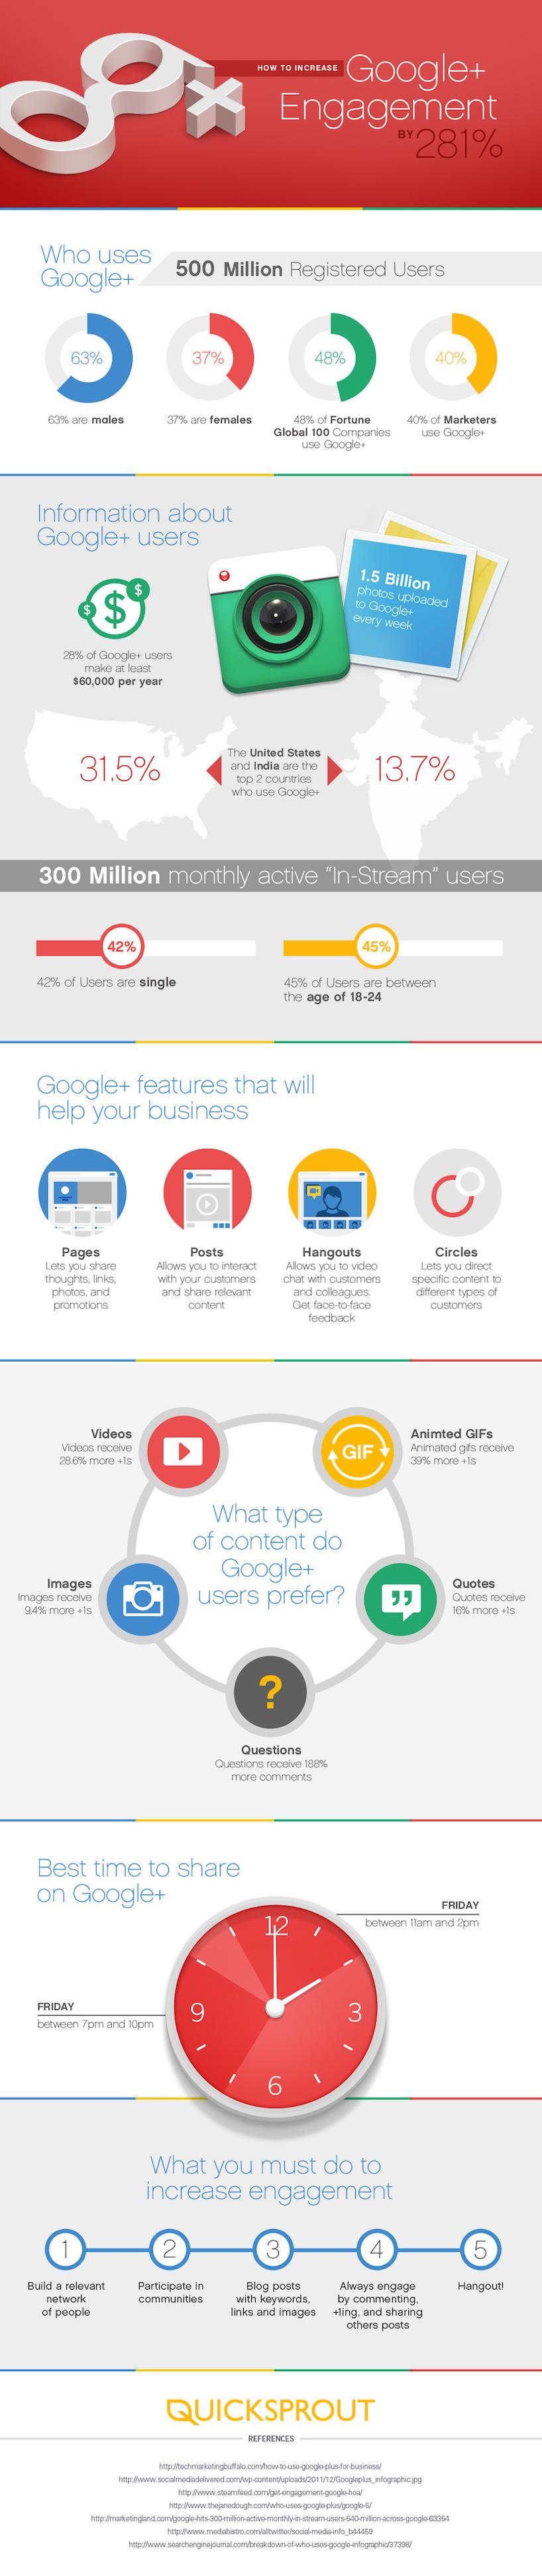 cara meningkatkan engagement google plus